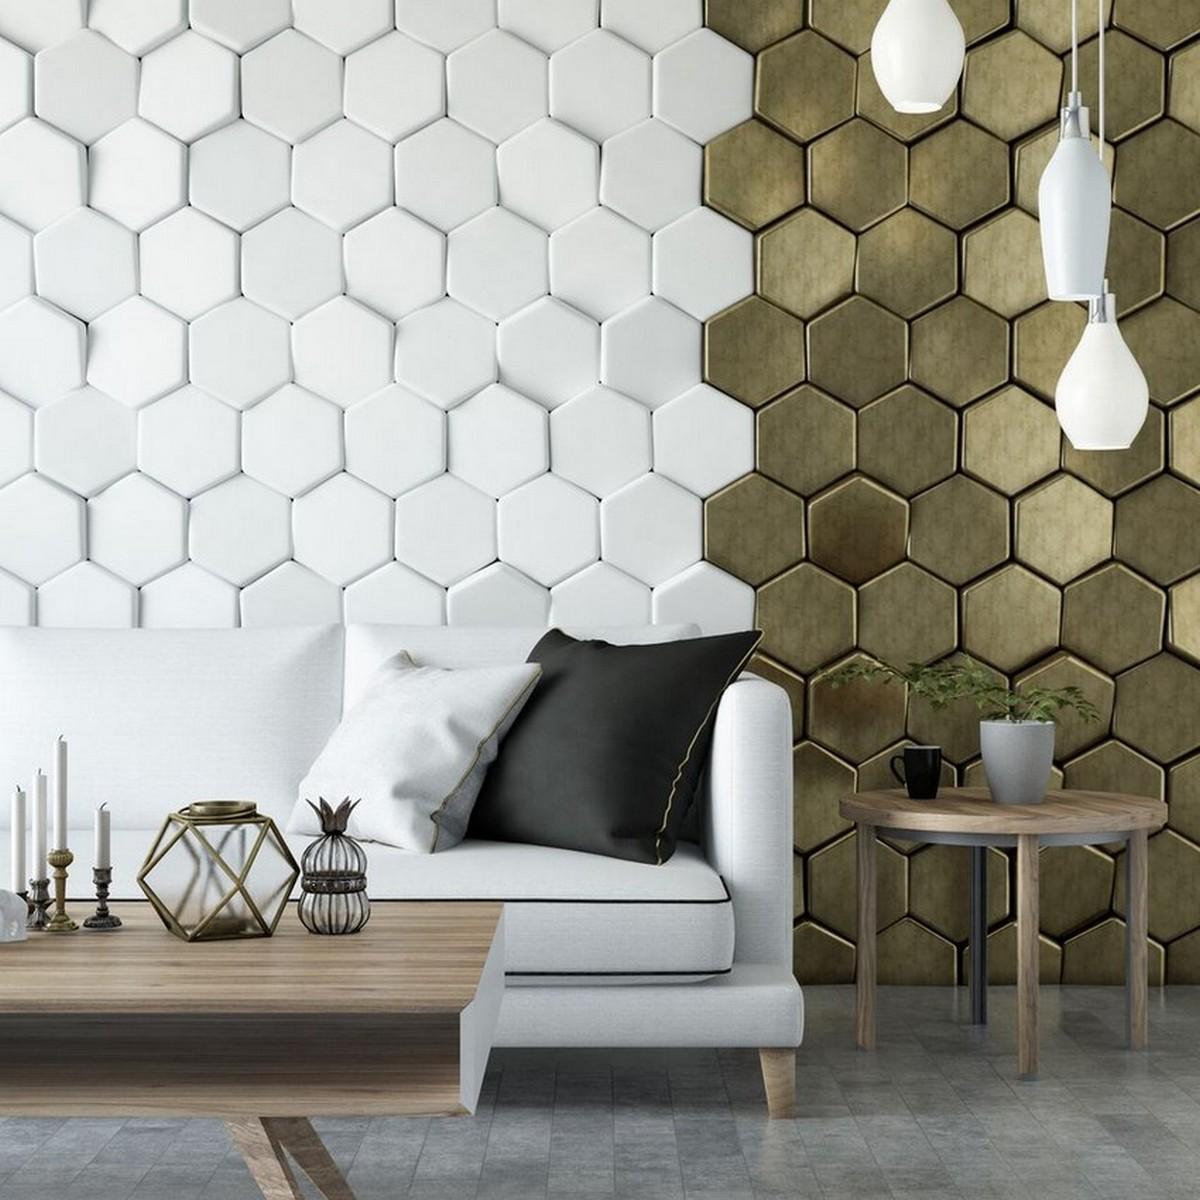 Ideas para Interiores: Belleza para un proyecto lujuoso con Texturas ideas para interiores Ideas para Interiores: Belleza para un proyecto lujuoso con Texturas 3 1